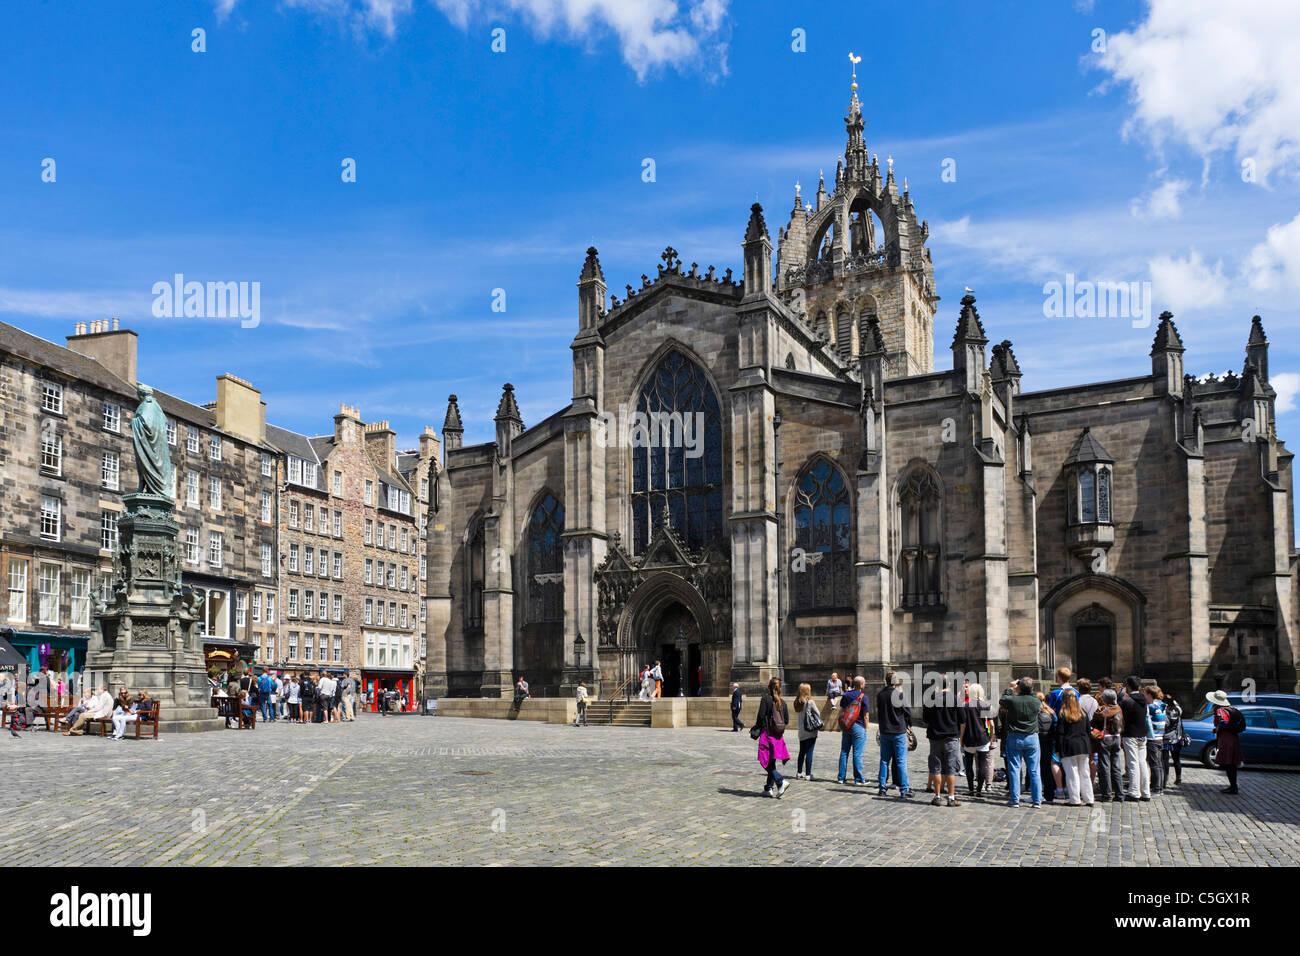 La cathédrale St Giles sur le Royal Mile, Édimbourg, Écosse, Royaume-Uni Photo Stock